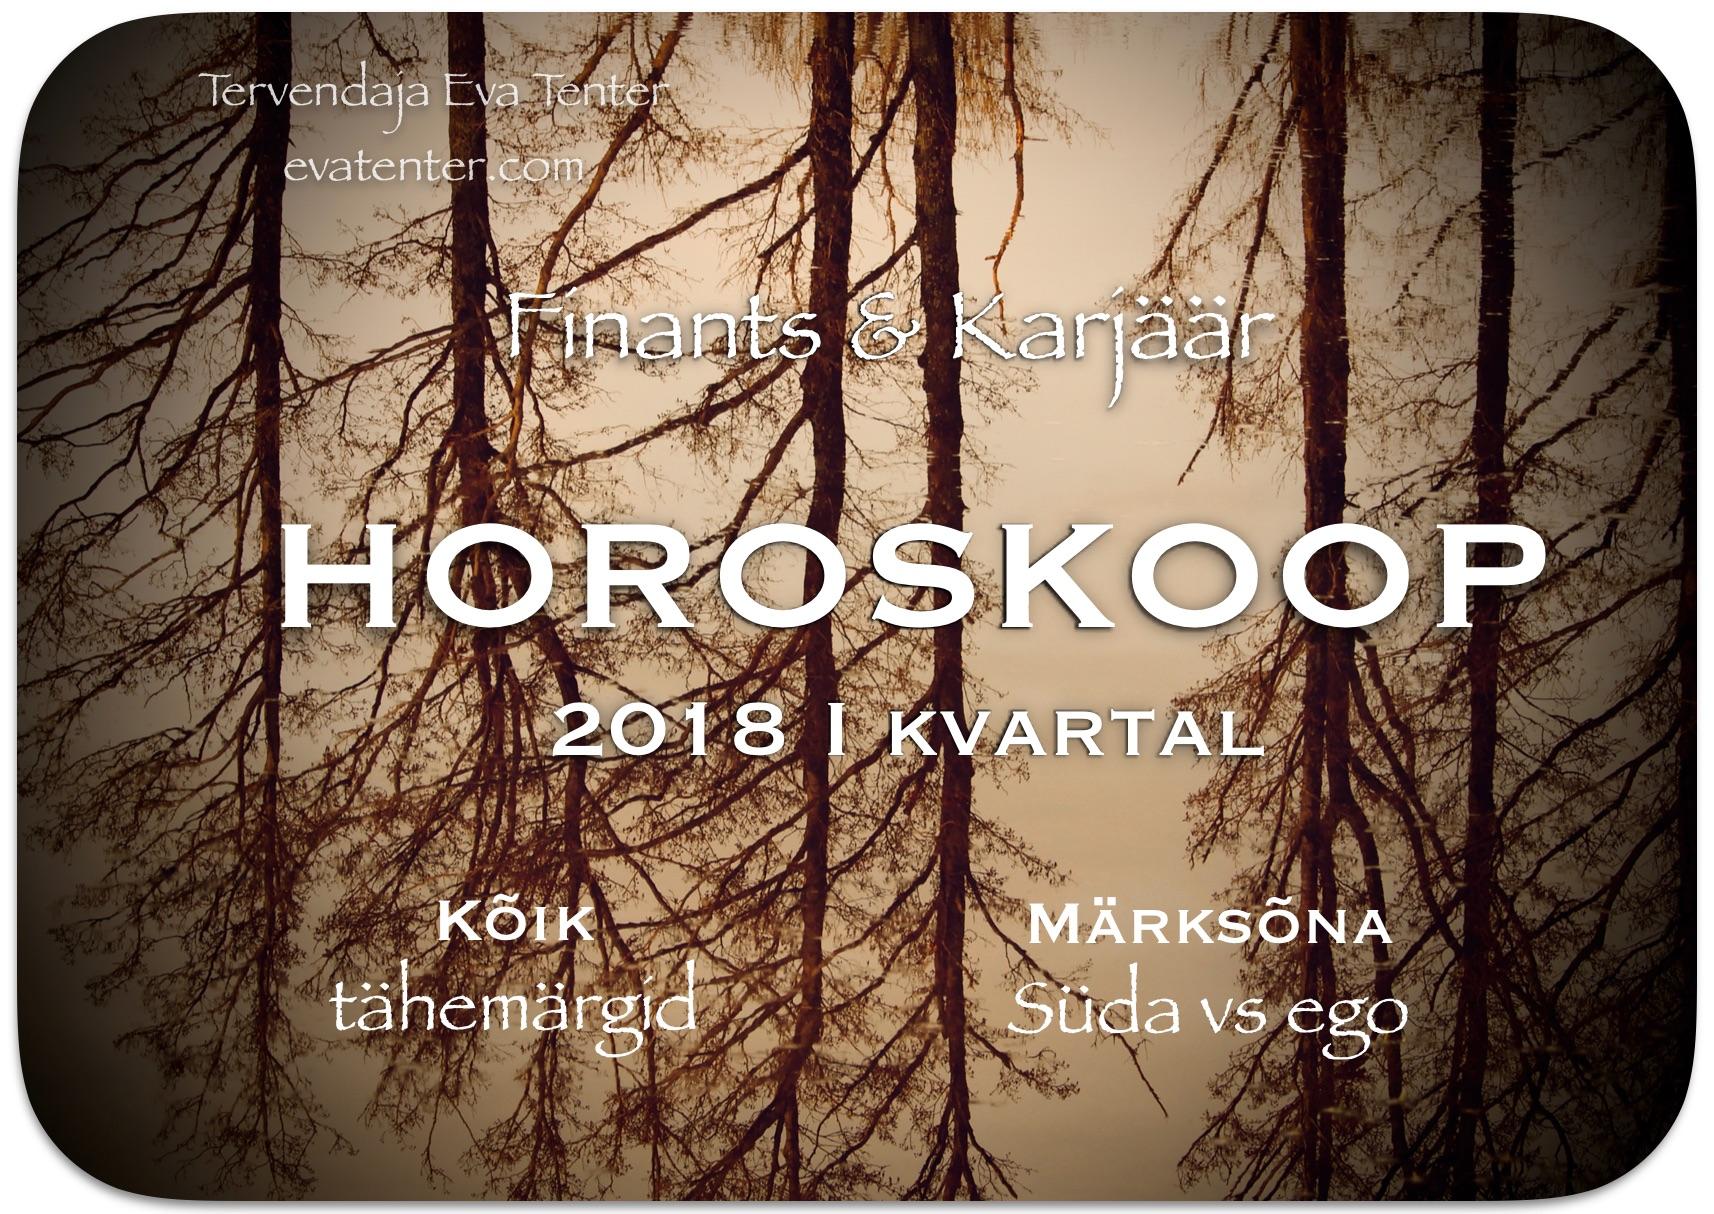 2018 I kvartali horoskoop (Jaanuar, Veebruar, Märts) – Finants & Karjäär – Kõik tähemärgid